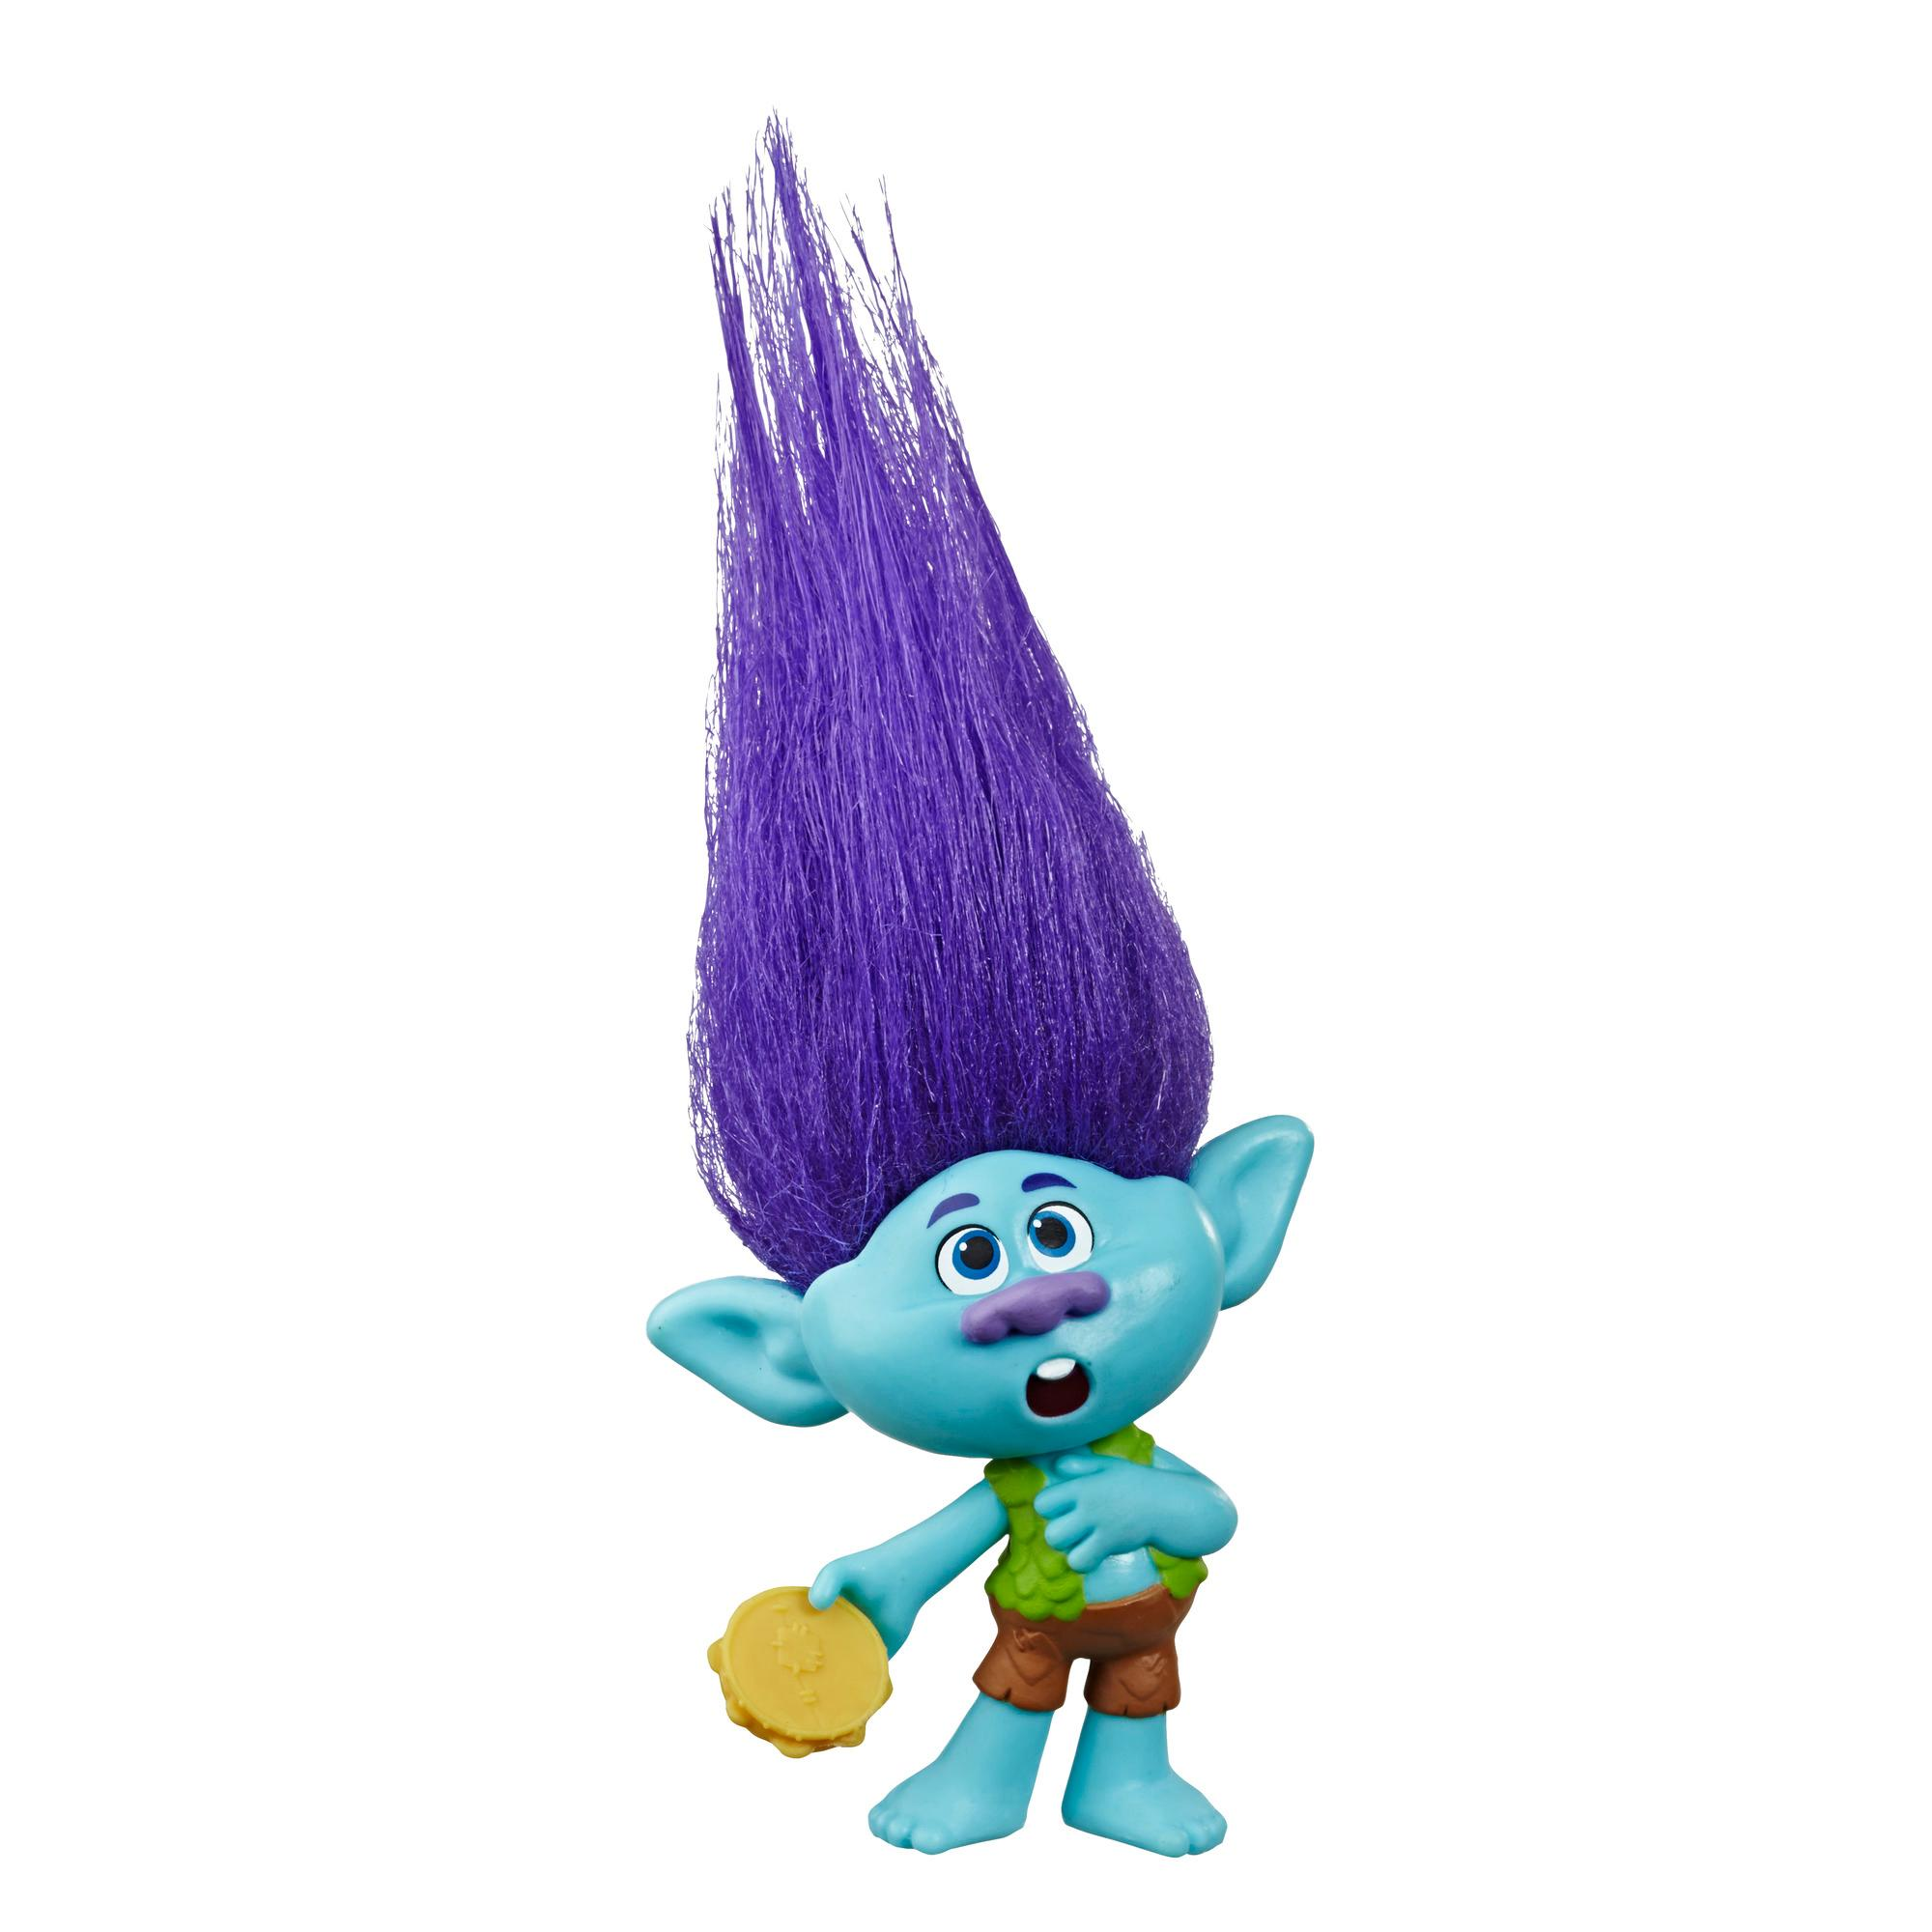 DreamWorks Trolls World Tour - Branch - Bambola con tamburo - Giocattolo ispirato al film Trolls World Tour